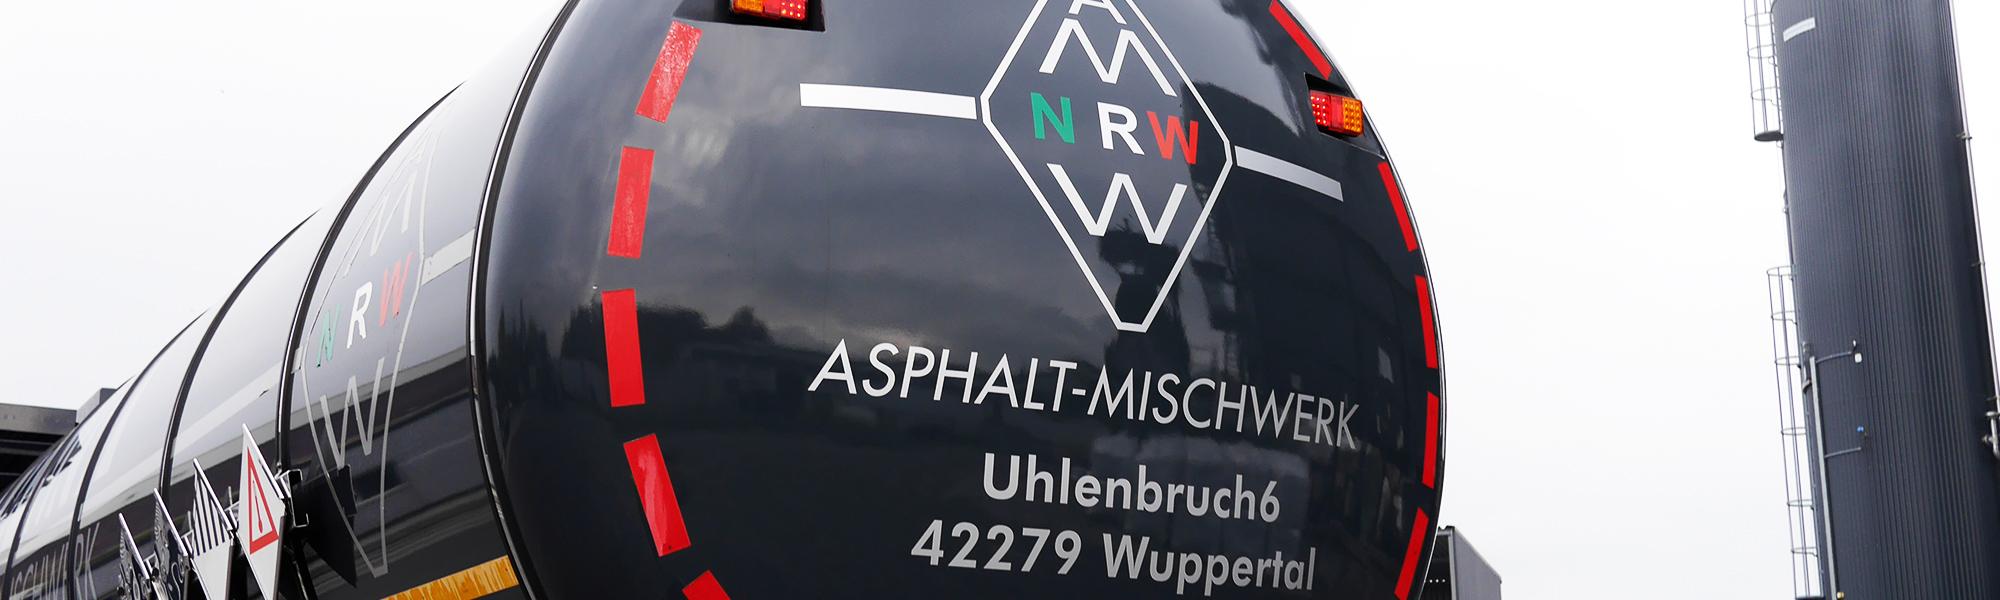 AM-NRW-gesunde Arbeitsbedingungen